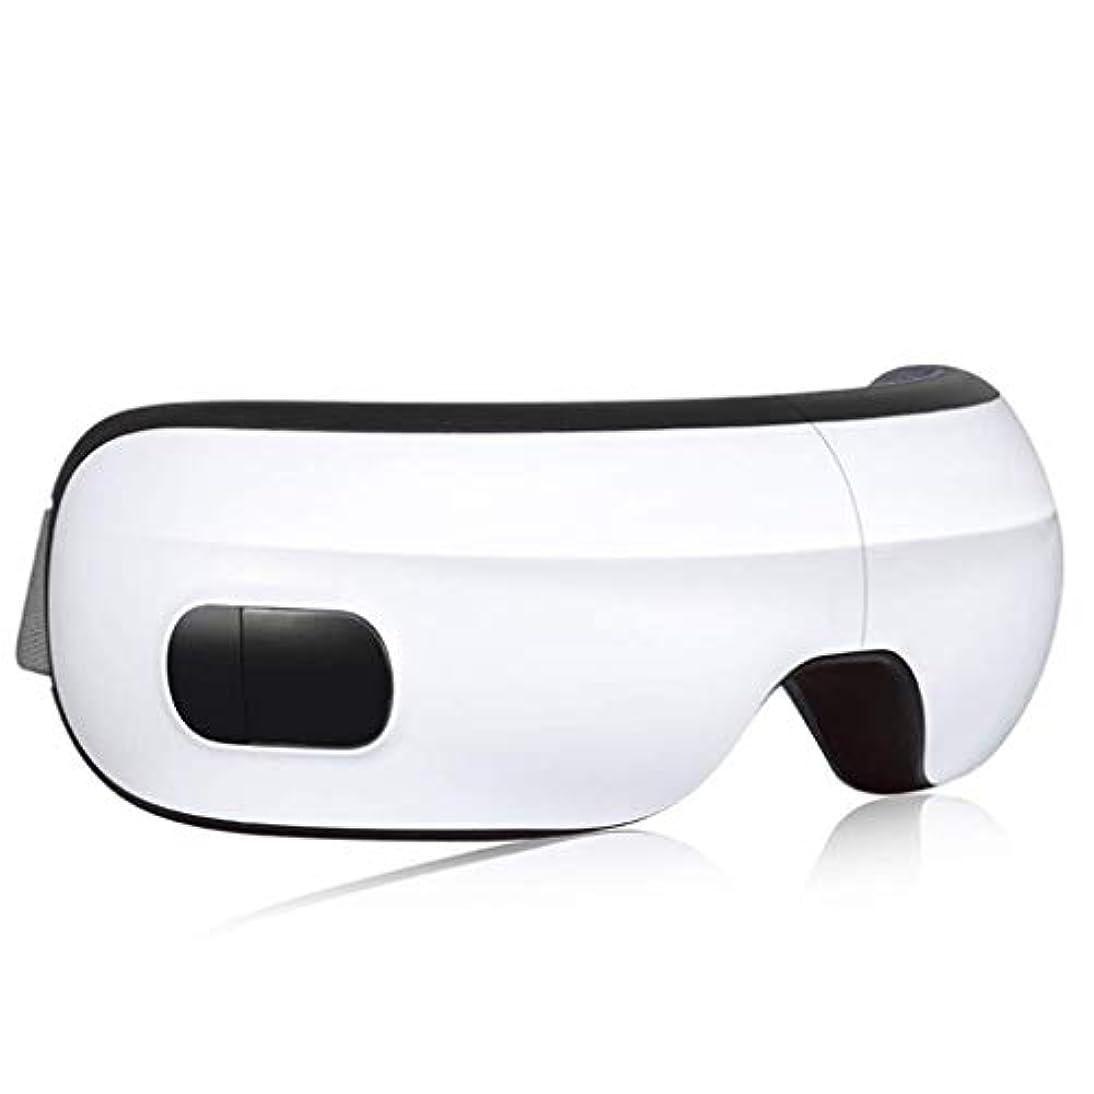 アイマッサージアイマスク、アイマッサージャー、USB充電式ポータブルアイツール、ホットコンプレッション、折りたたみ式ホーム、ダークサークルアイバッグ、アイ疲労の改善